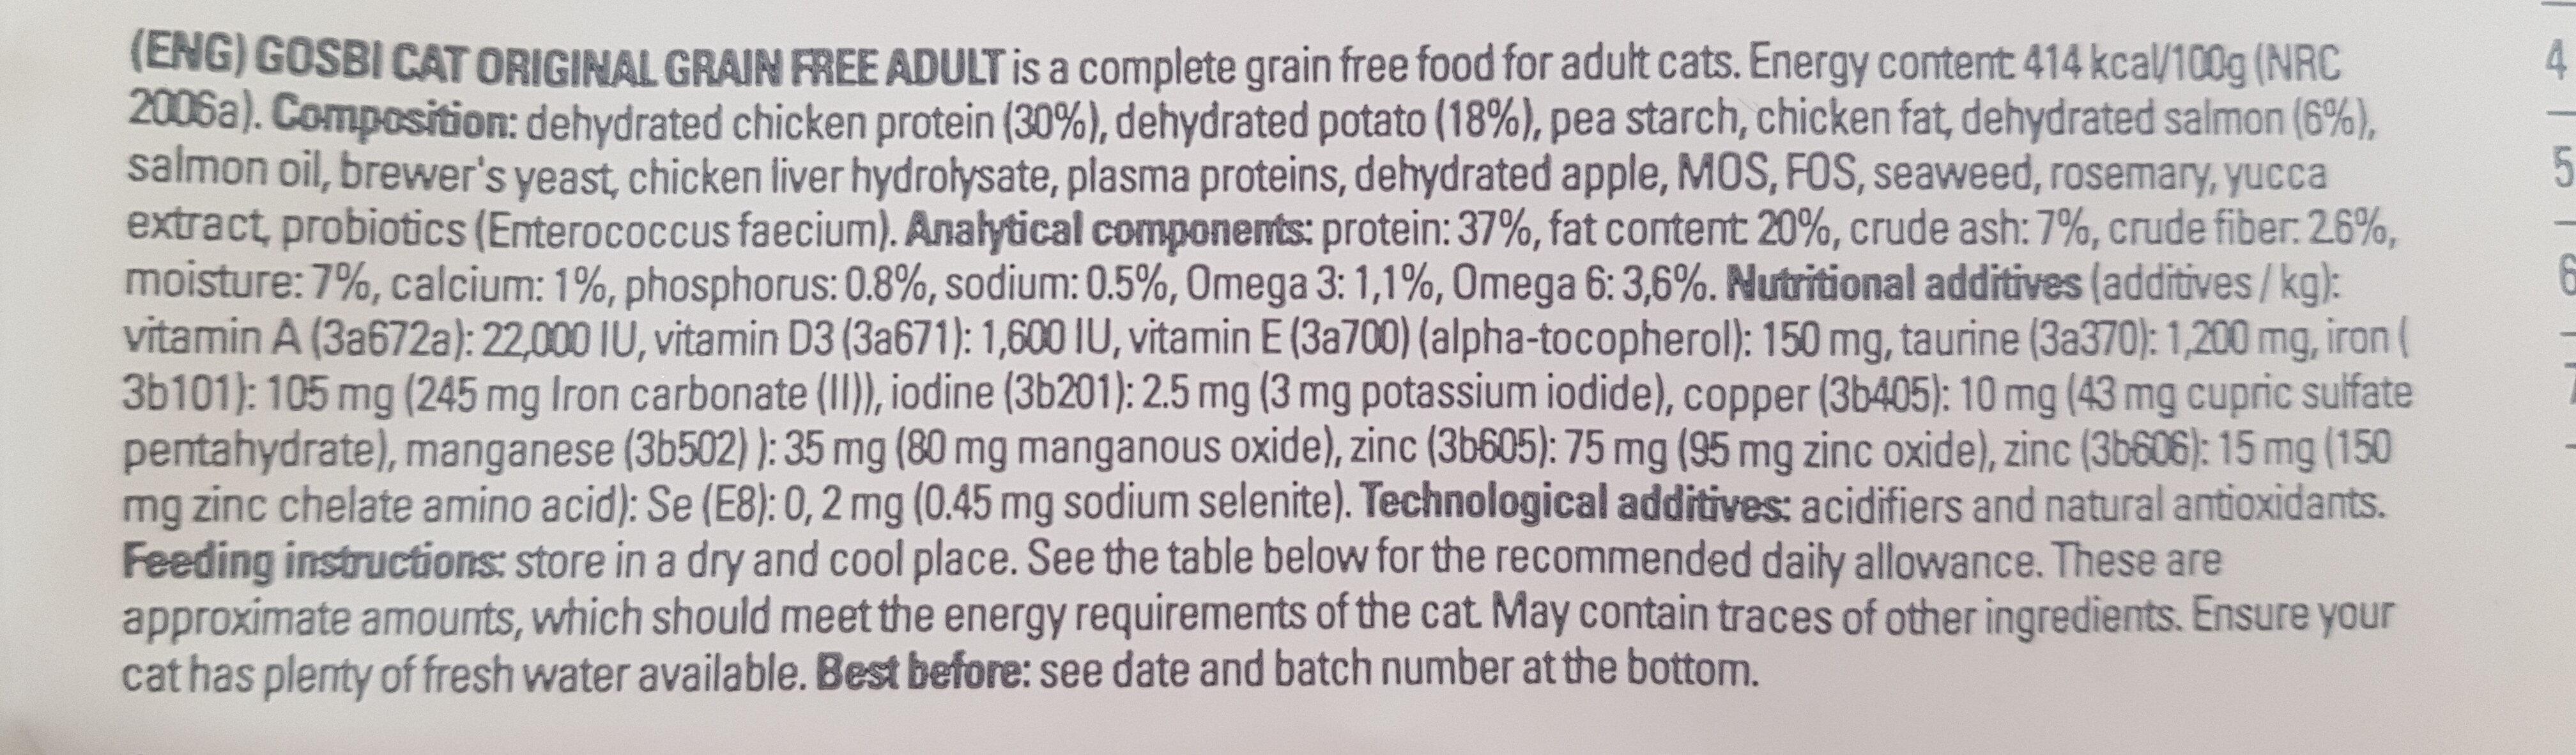 Gosbi Original Gain Free Adult - Ingredients - en